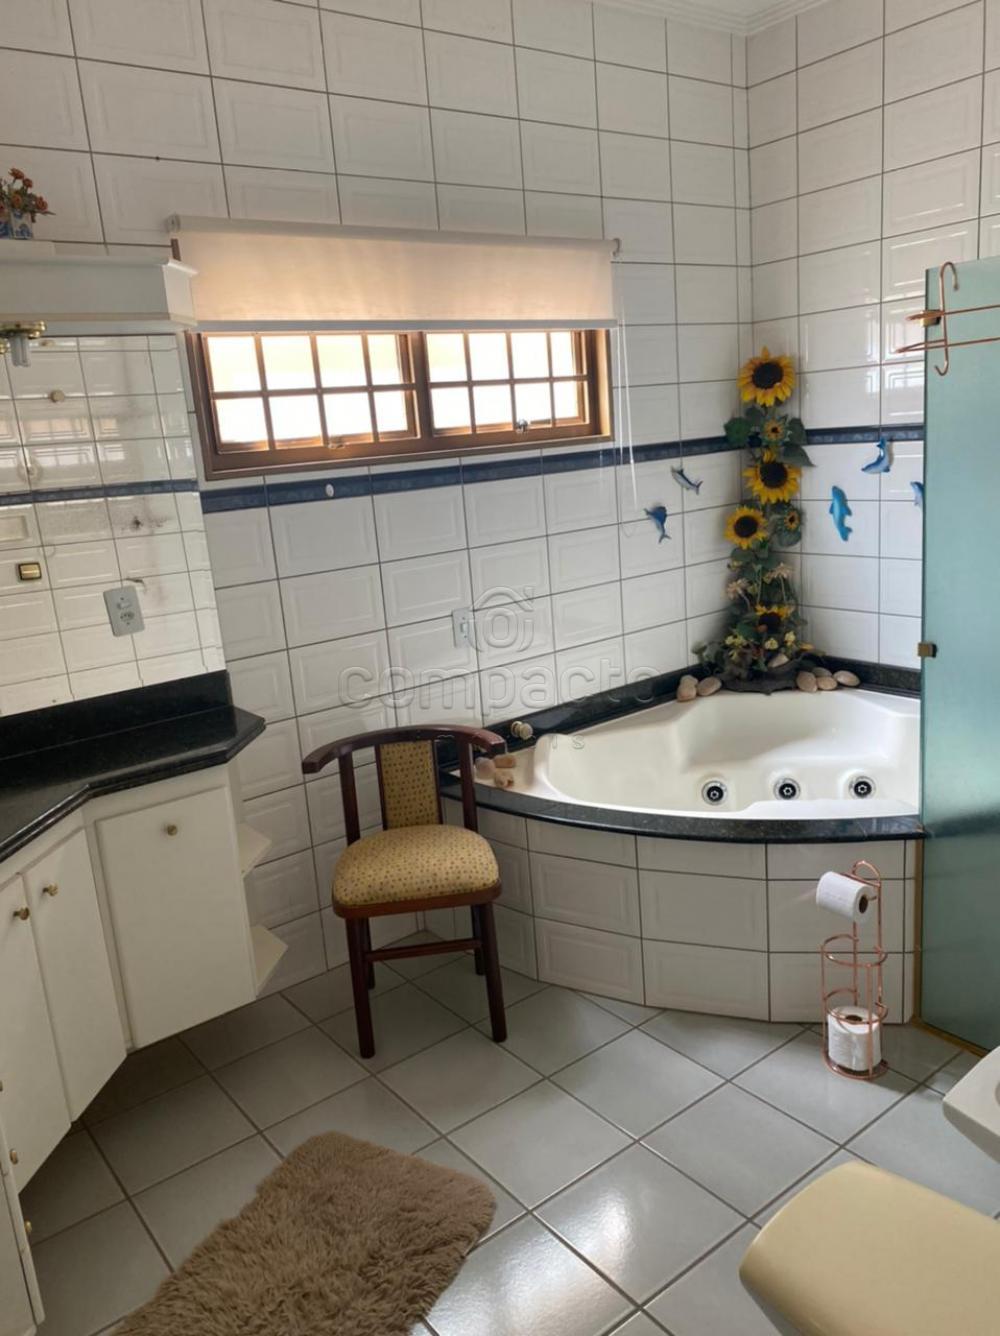 Comprar Casa / Padrão em São José do Rio Preto apenas R$ 1.200.000,00 - Foto 19